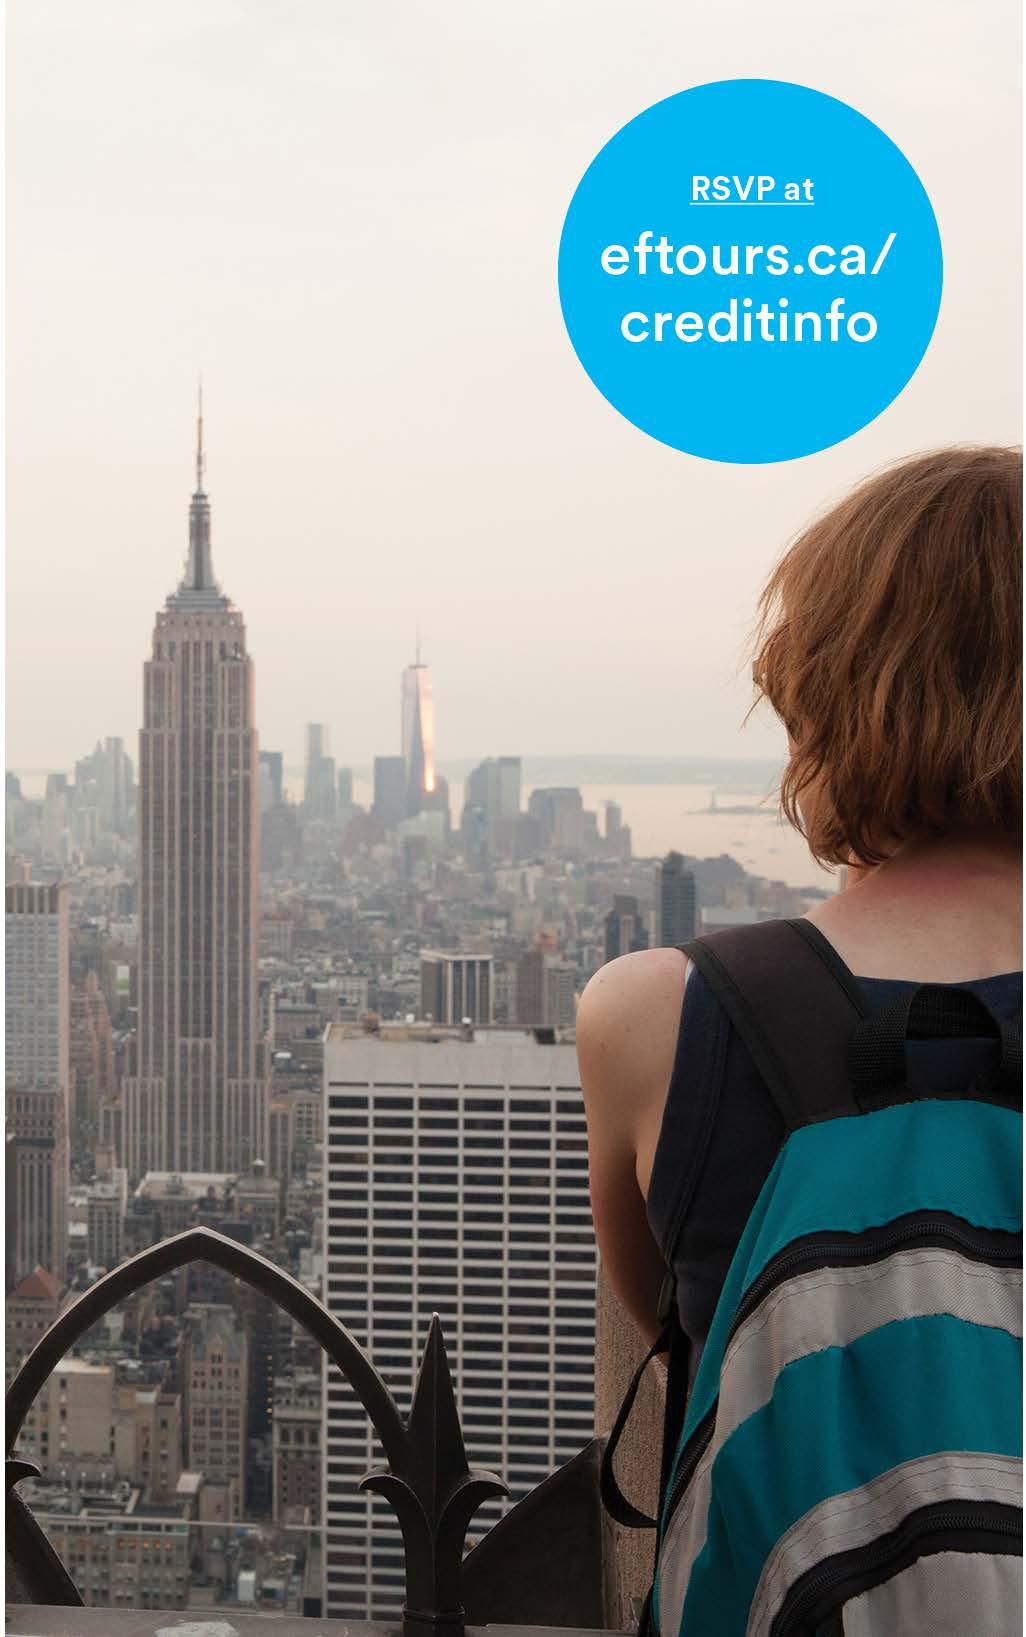 Girl overlooks New York City